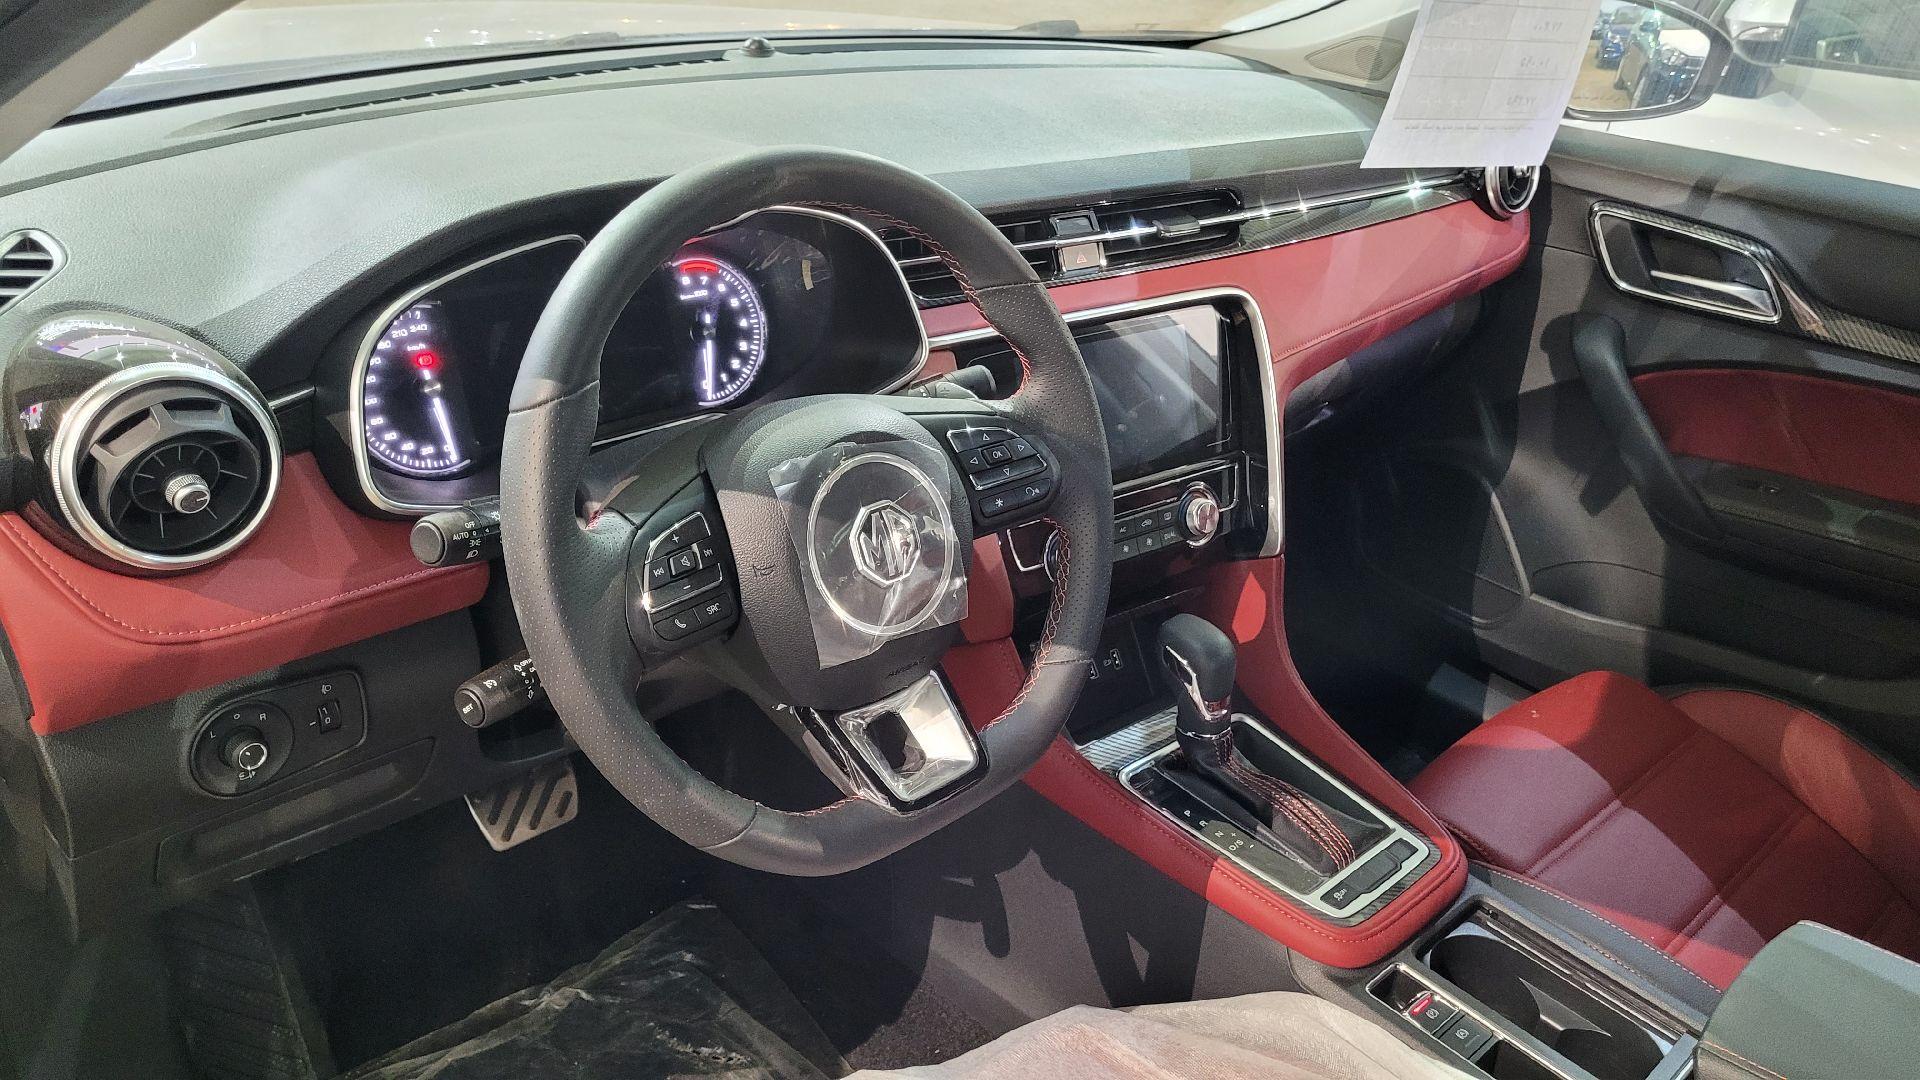 مباع - MG 6فل  LUX سعودي 2021 جديد للبيع في الرياض - السعودية - صورة كبيرة - 13